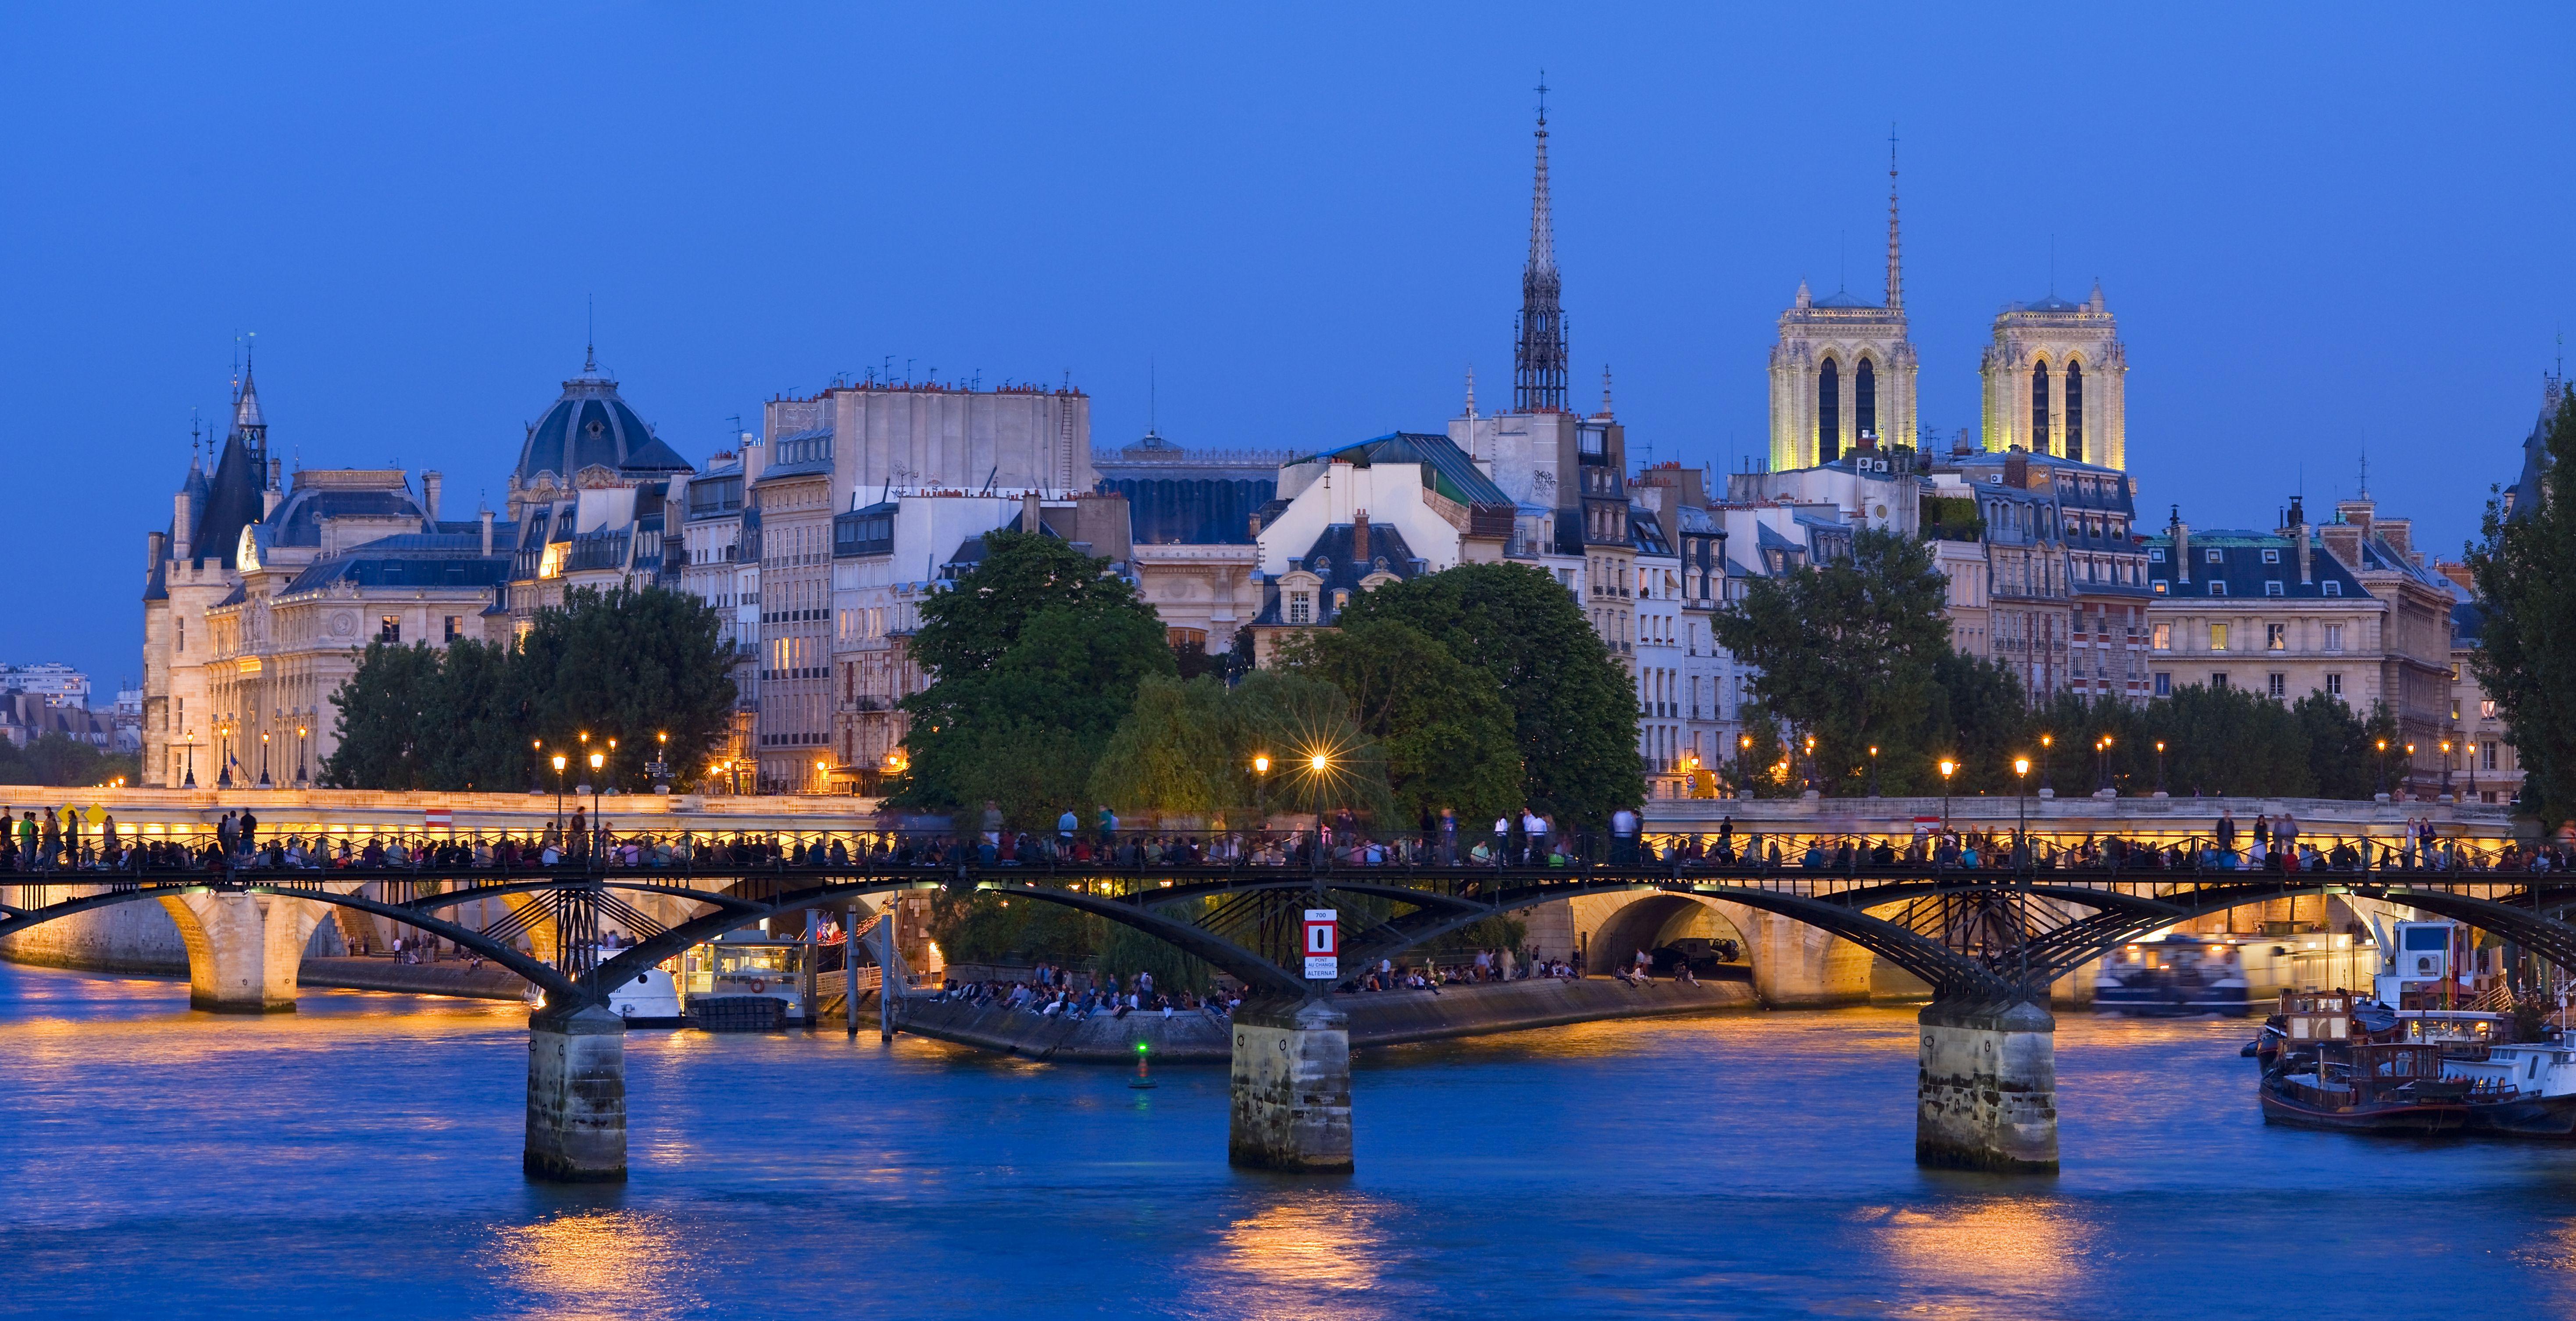 Roseglennorthdakota / Try These Average Temperature In Paris